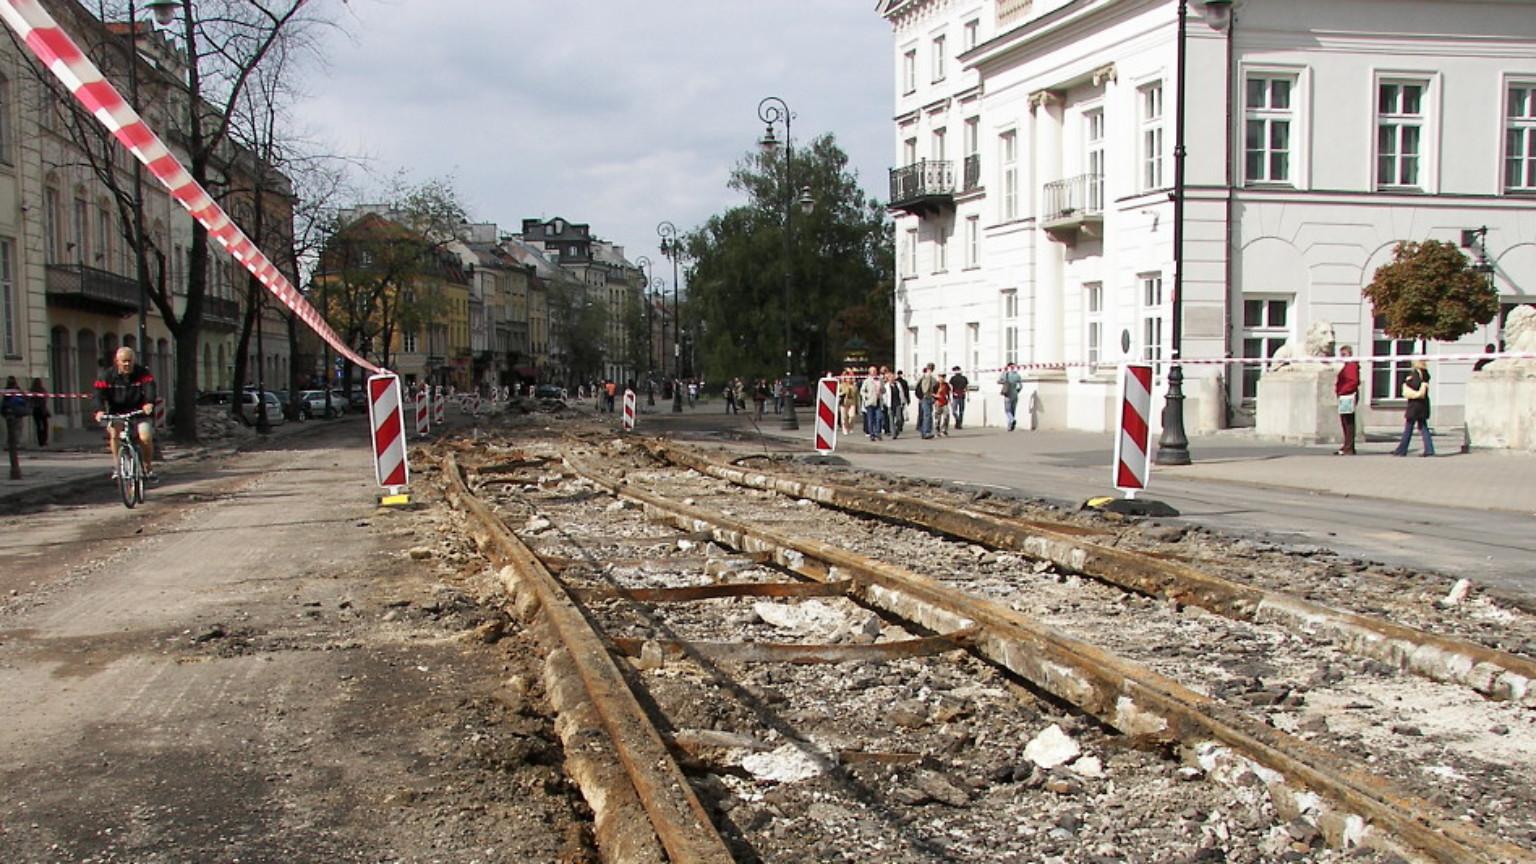 Zdjęcie dla kartki: Krakowskie Przedmieście odzyskuje blask